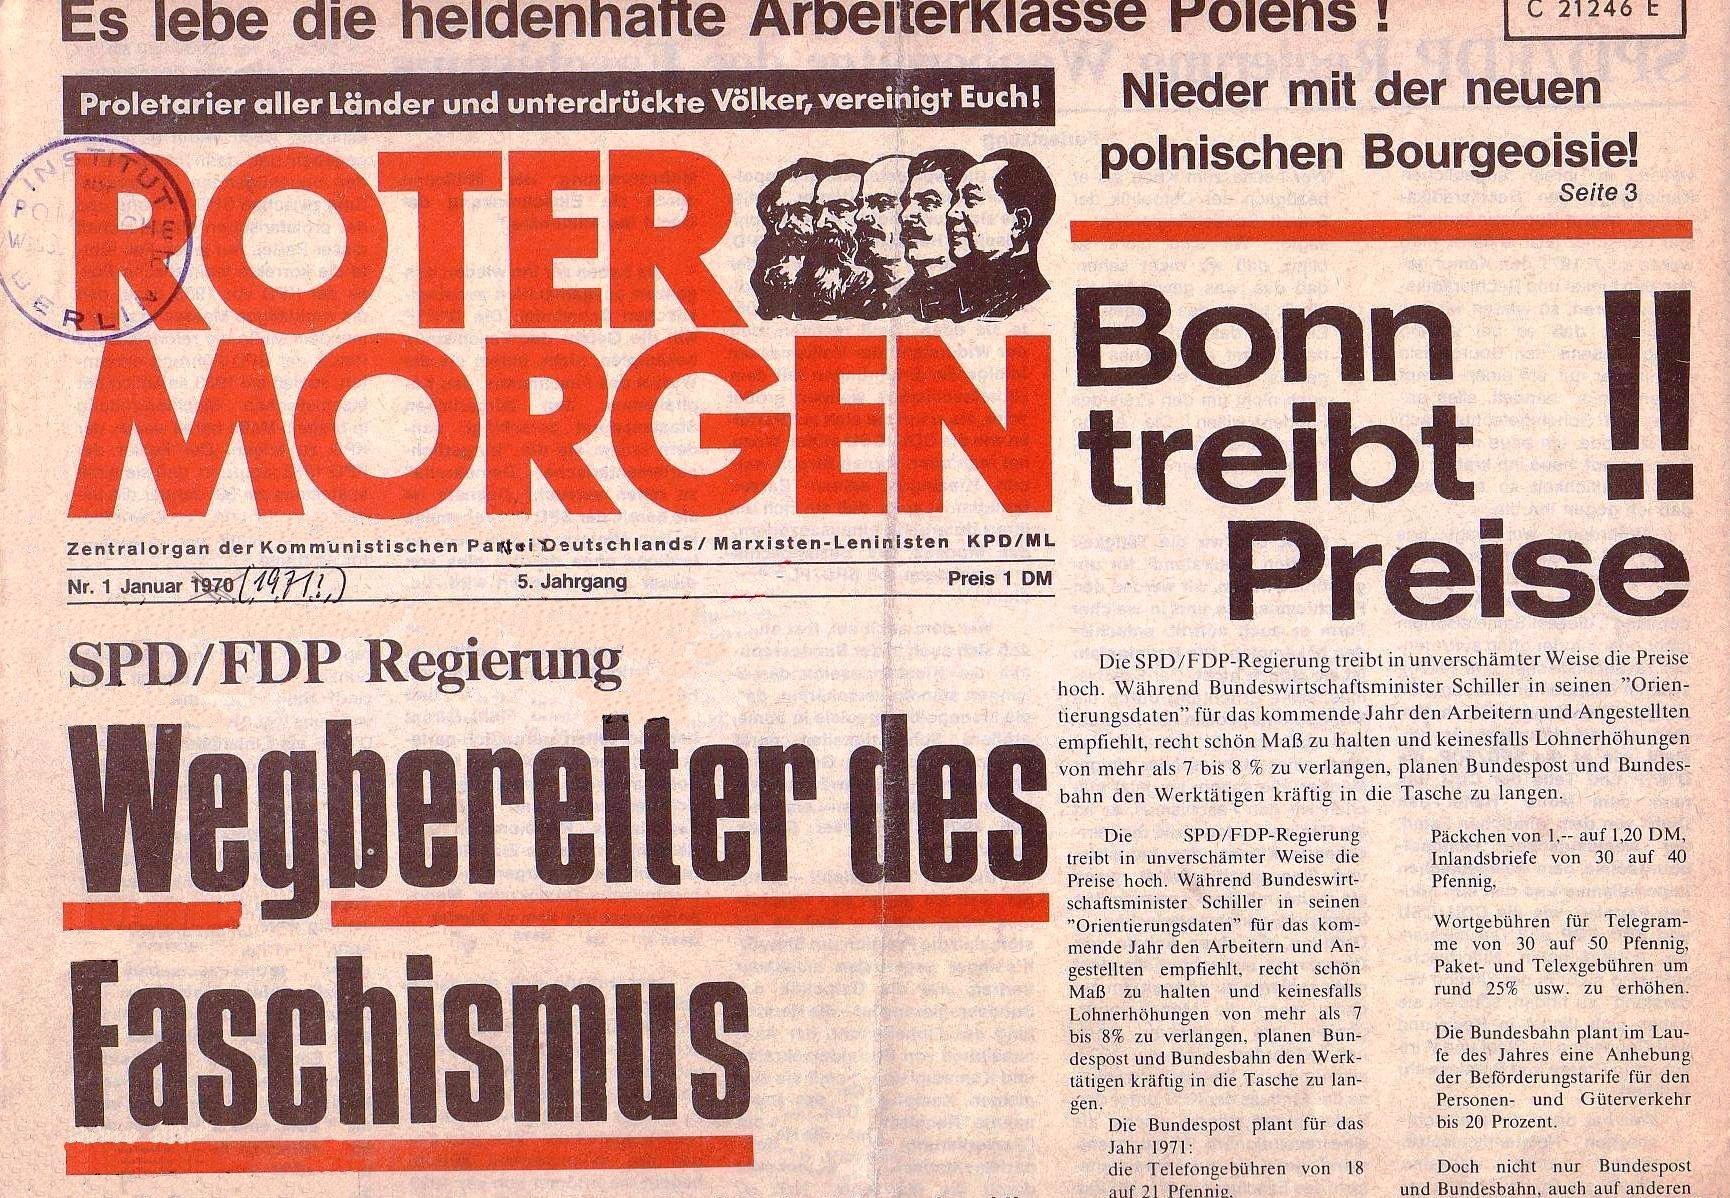 Roter Morgen, 5. Jg., Januar 1971, Nr. 1, Seite 1a